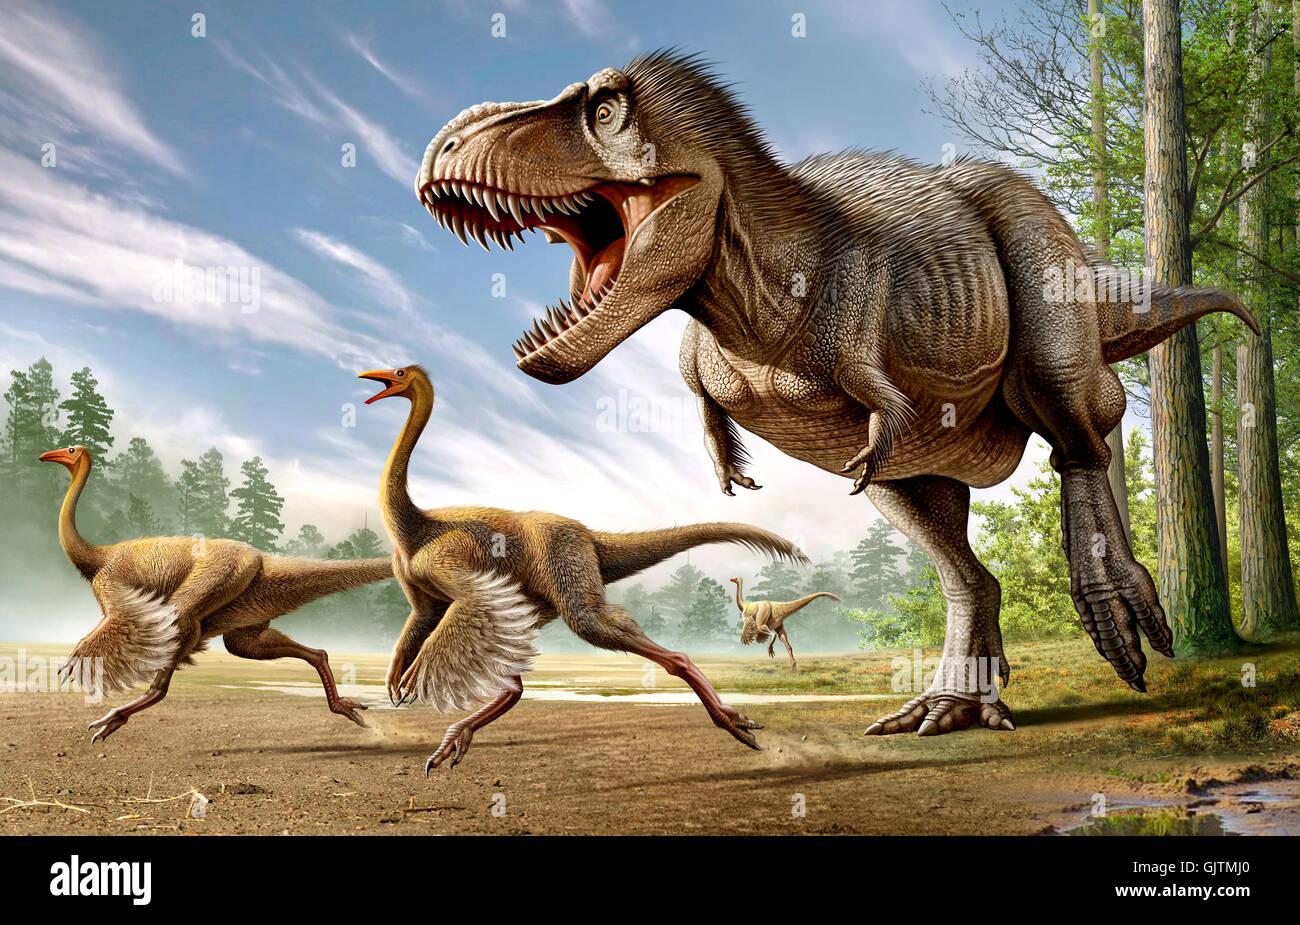 Attaccare Due Foto.Tyrannosaurus Rex Di Attaccare Due Dinosauri Struthiomimus